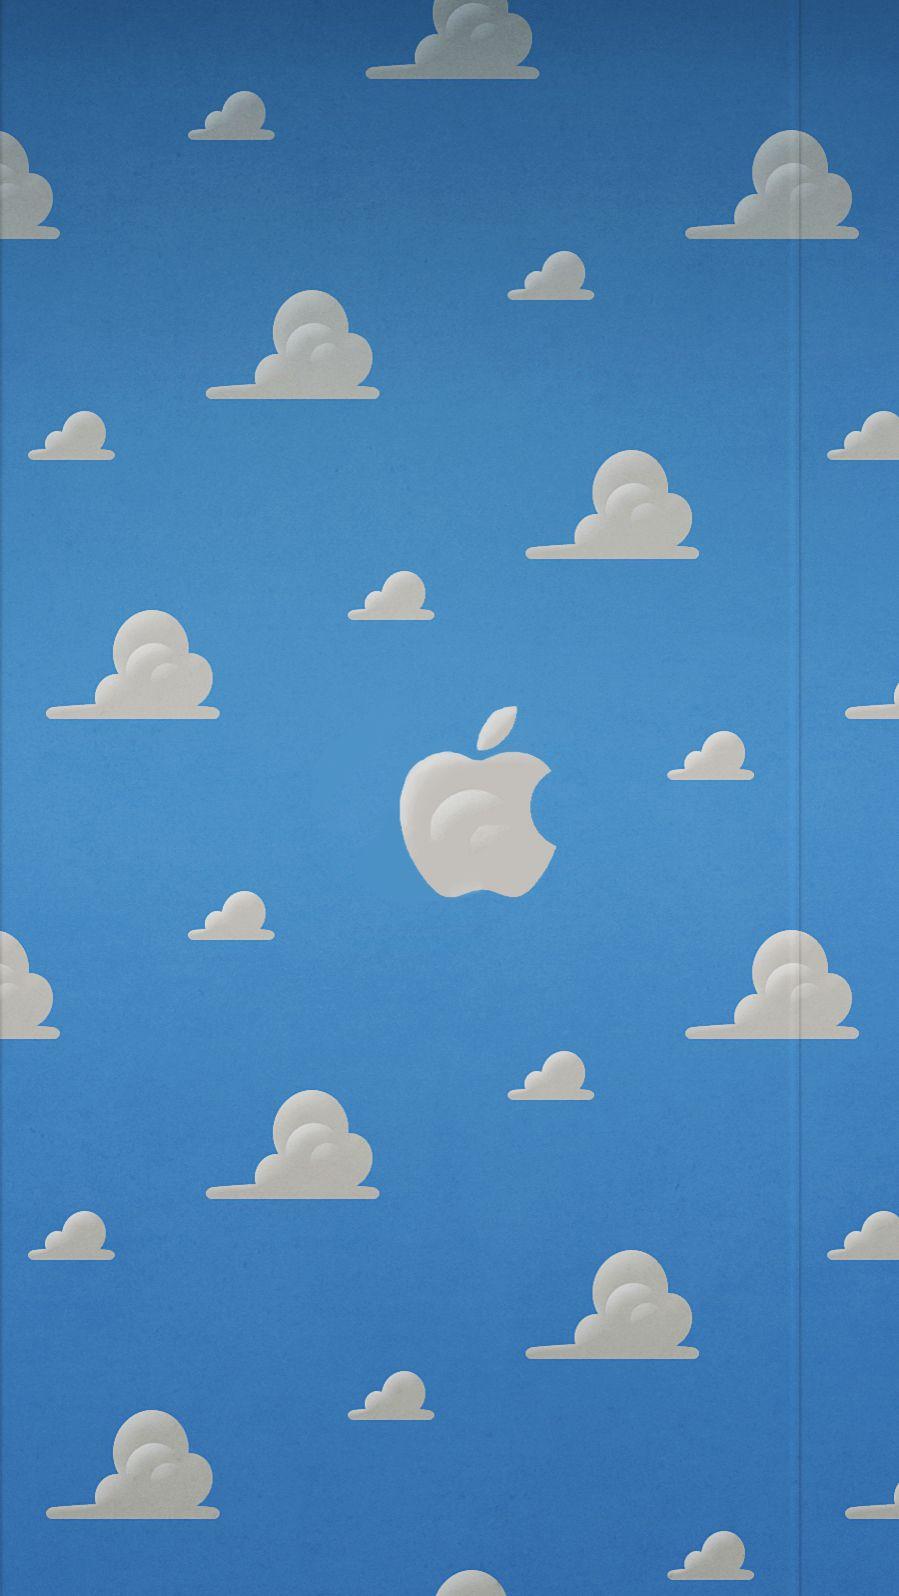 iPhone 5 Wallpaper Tumblr Hipster - Bing images | Papier peint disney, Papiers peints mignons ...